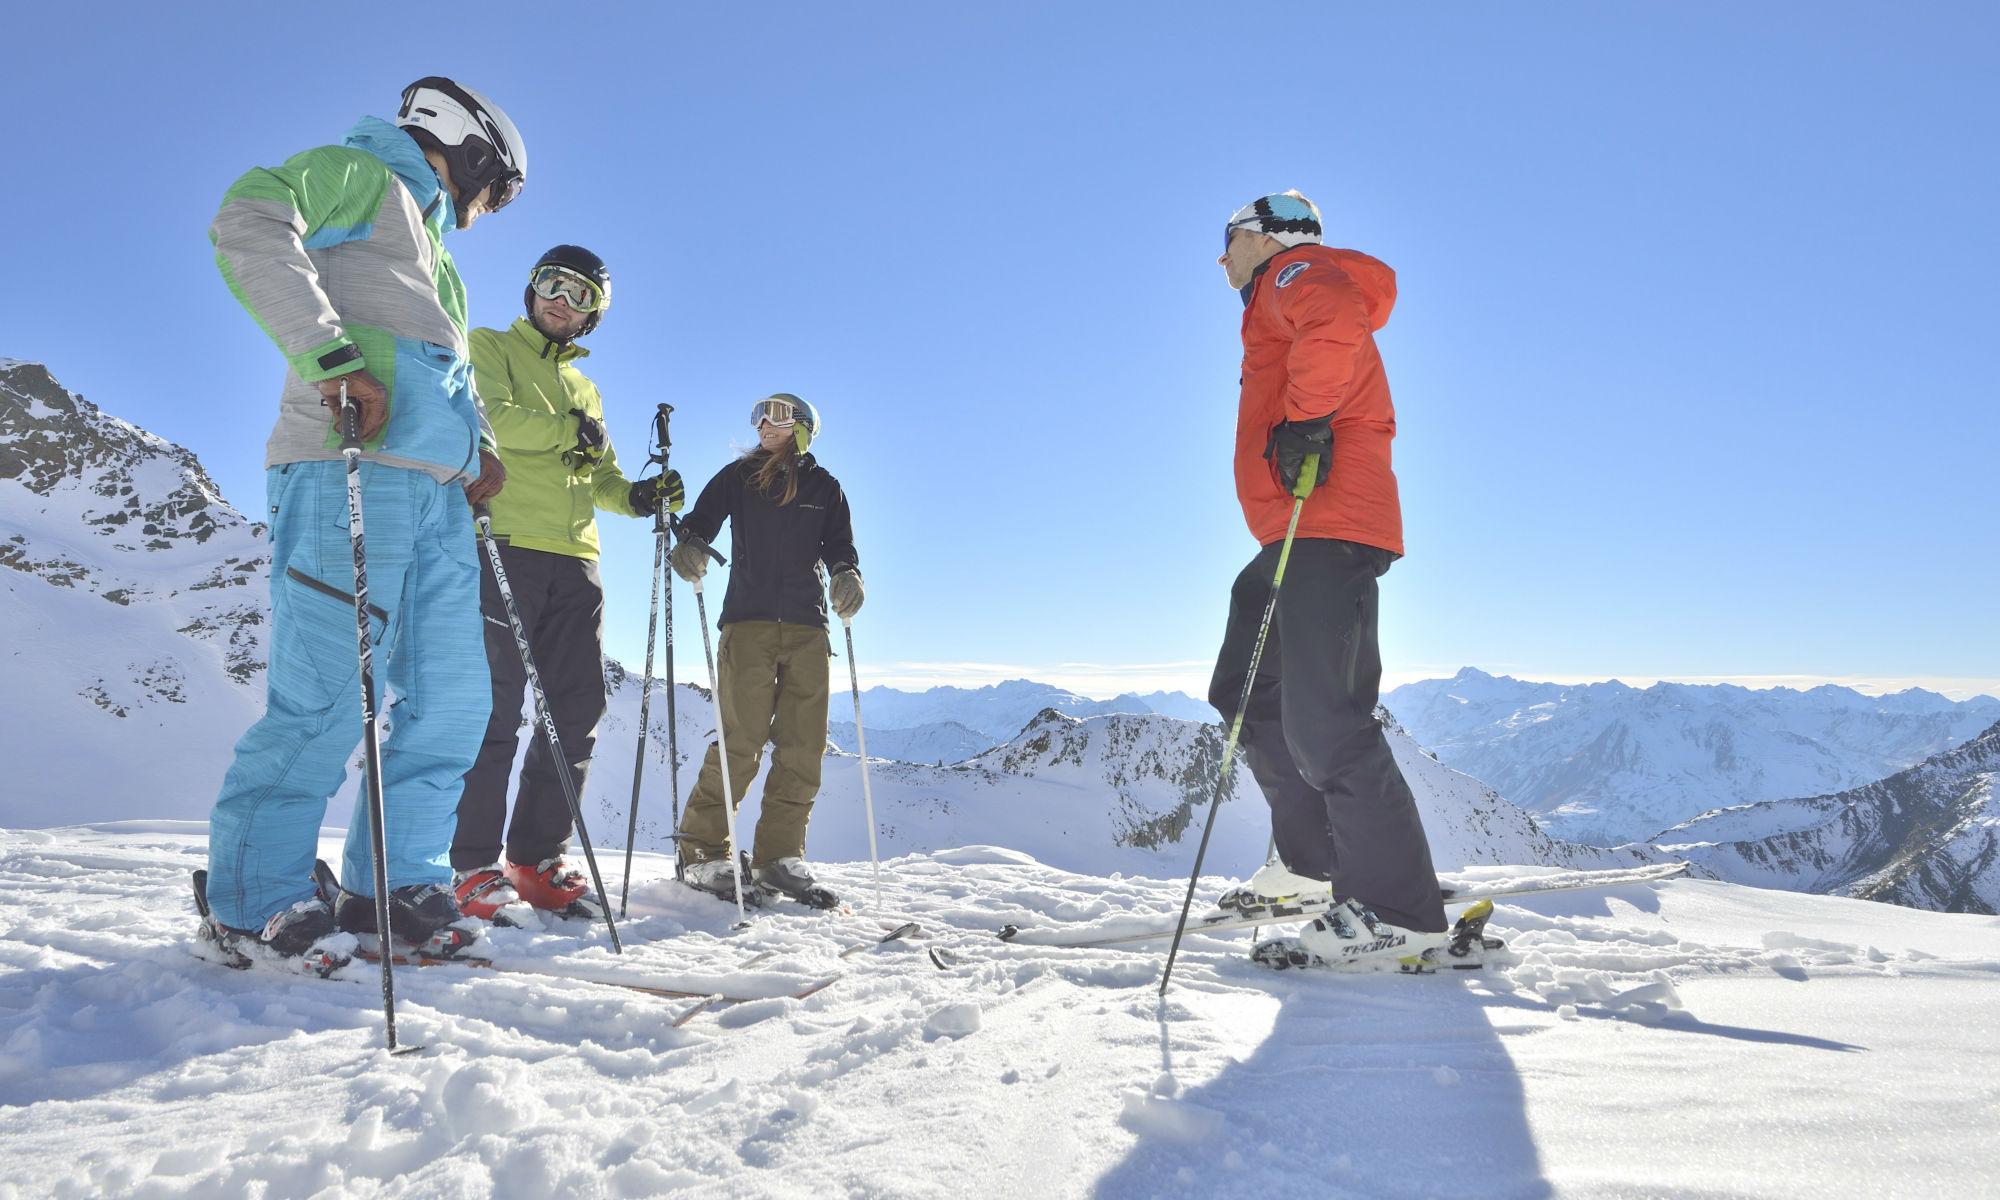 Eine kleine Skikurs Gruppe auf einem Berggipfel.